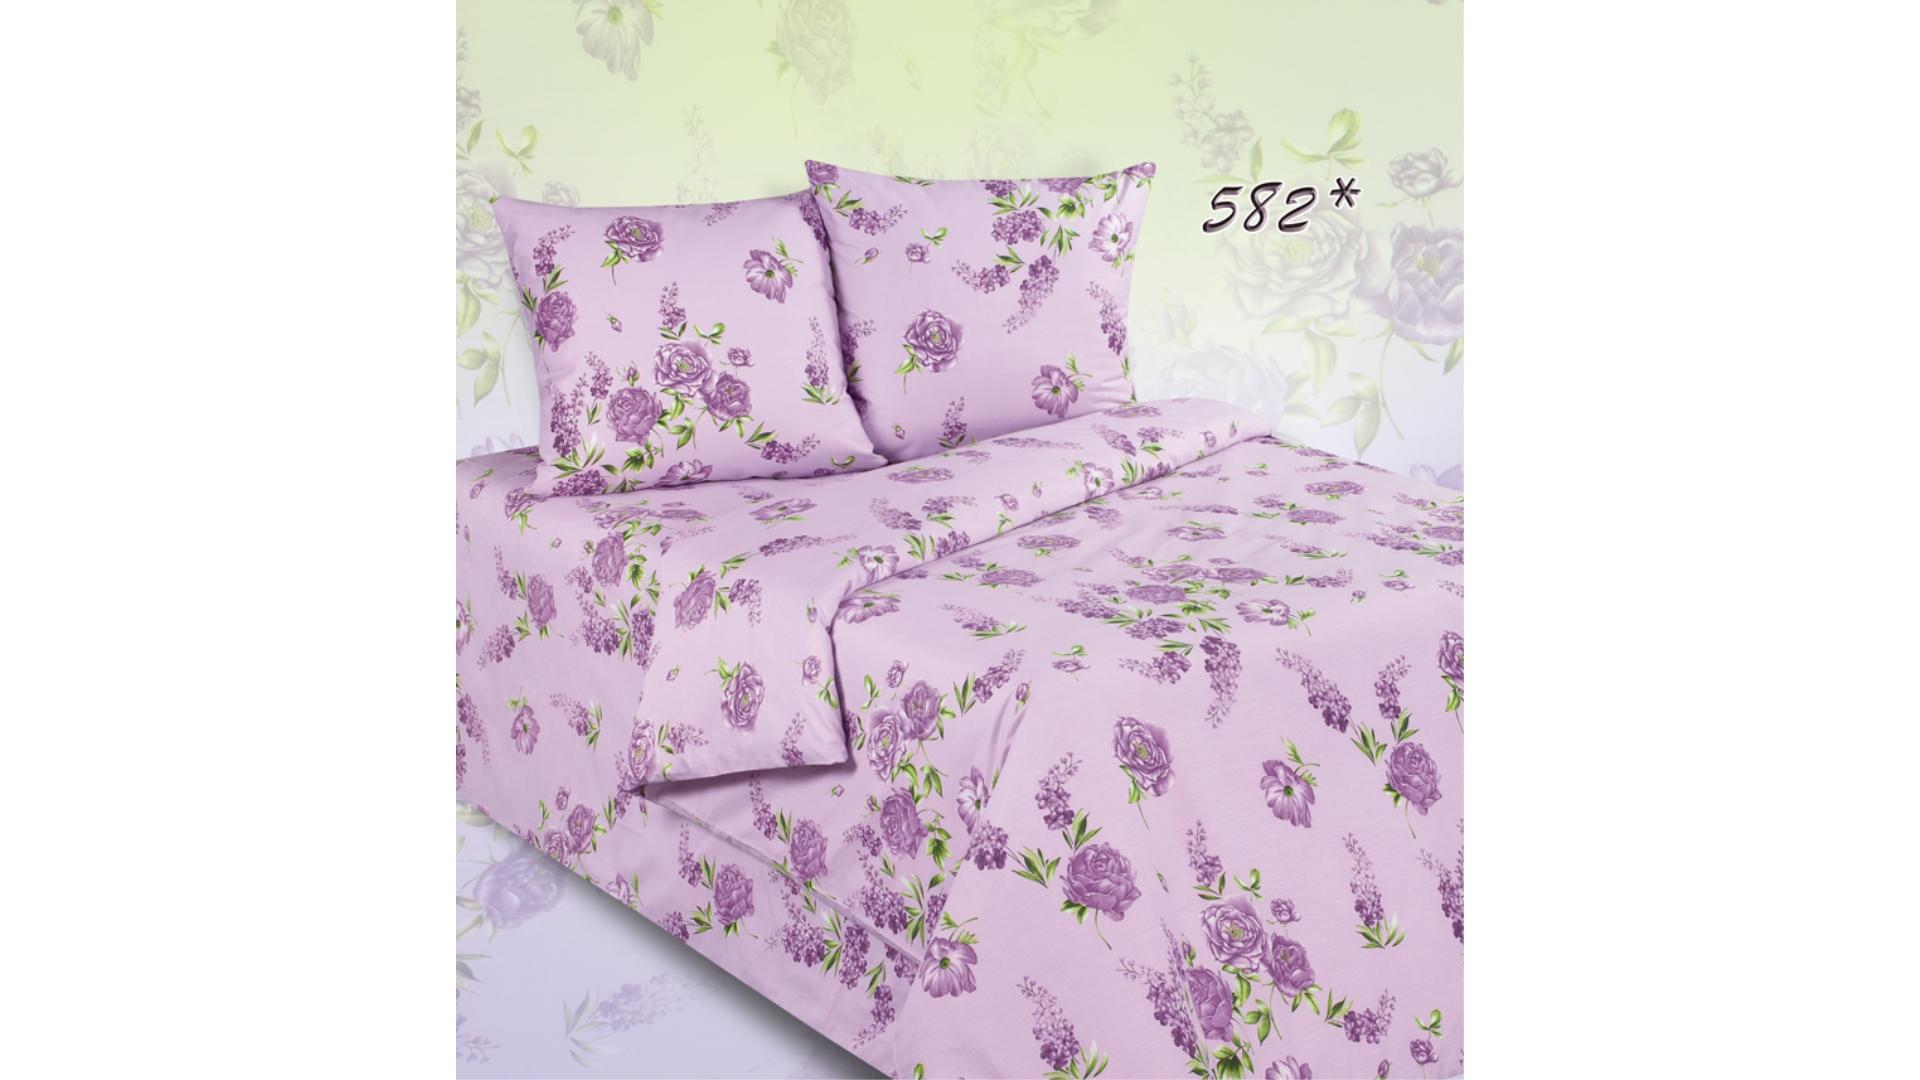 Комплект постельного белья Экзотика (582*)  фото FullHD (0)